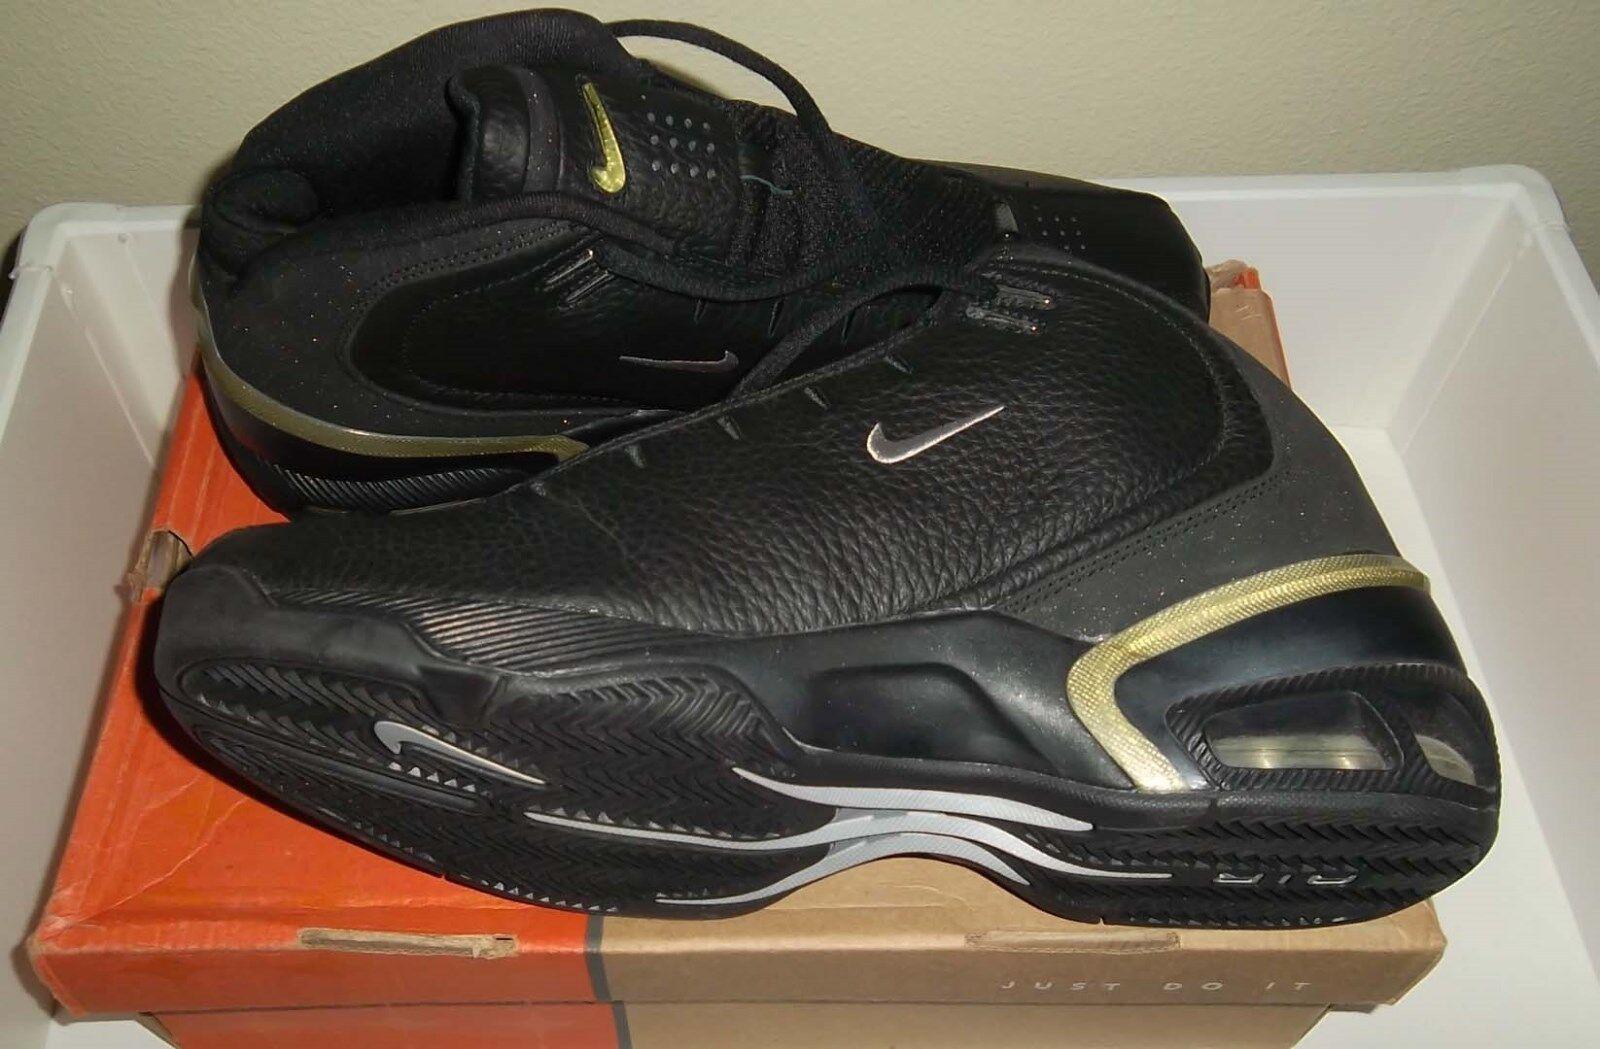 1997 nike air max inarrestabile scarpe da basket di colore 11 argento metallico noir 11 colore 0a4788